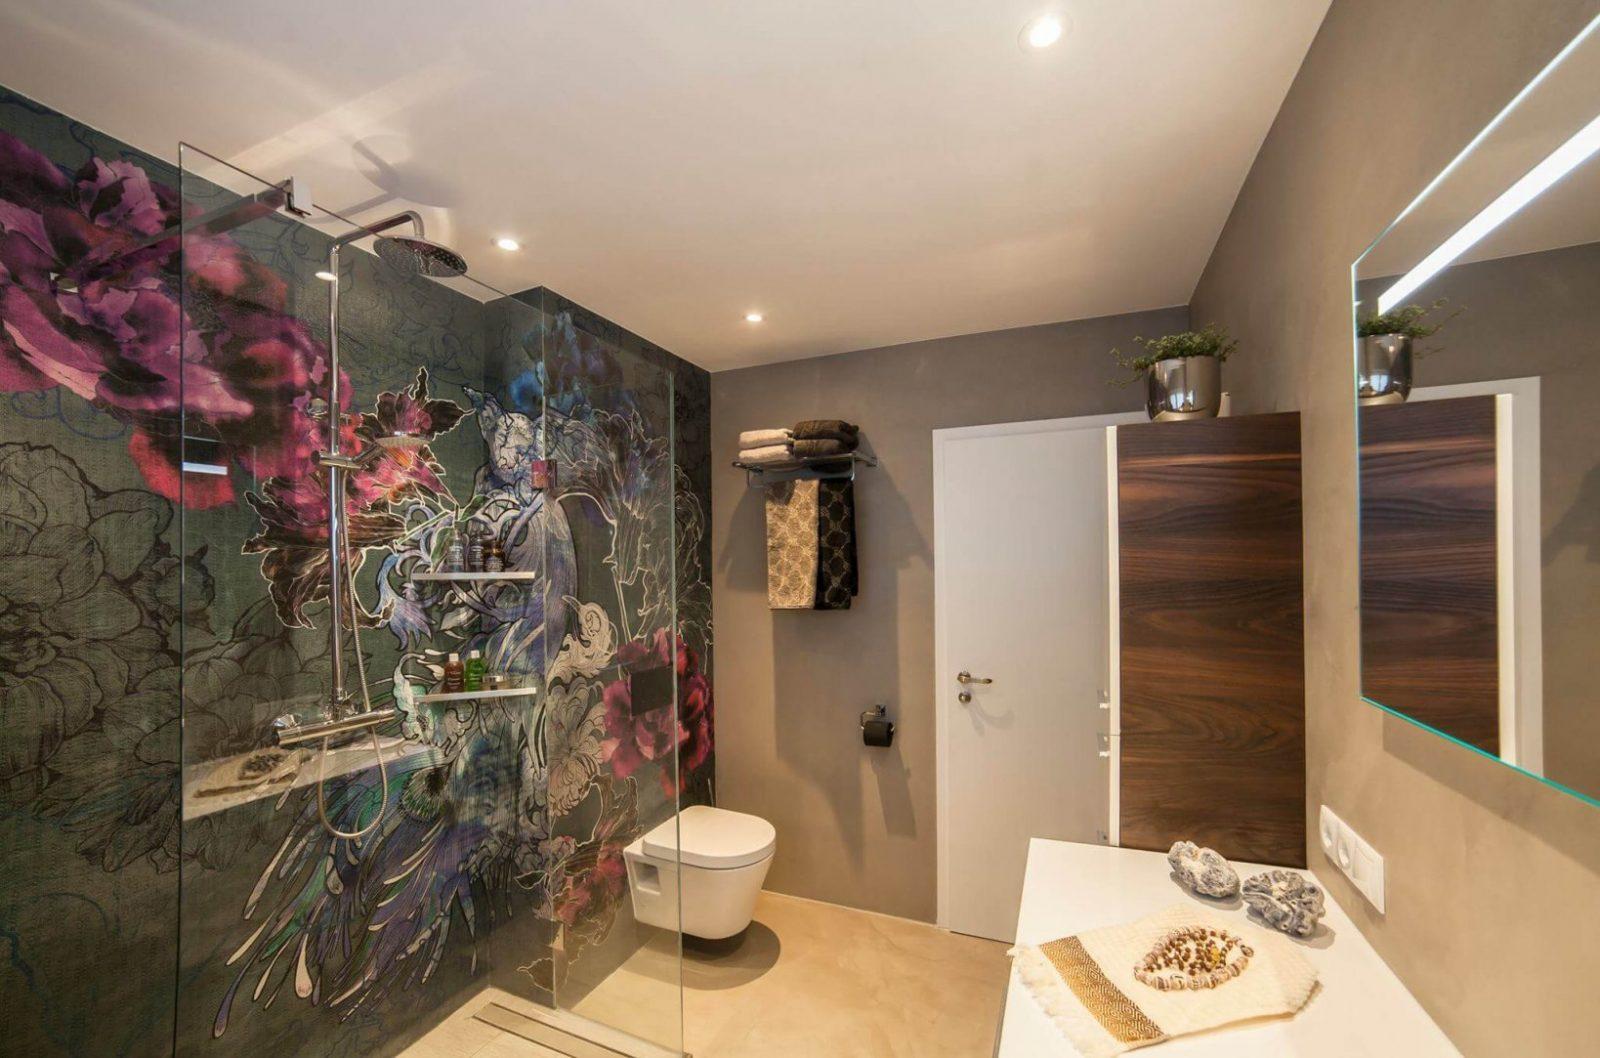 Badgestaltung Mit Tapeten ✓  Ist Tapete Im Bad Machbar von Wasserfeste Tapete Fürs Bad Bild